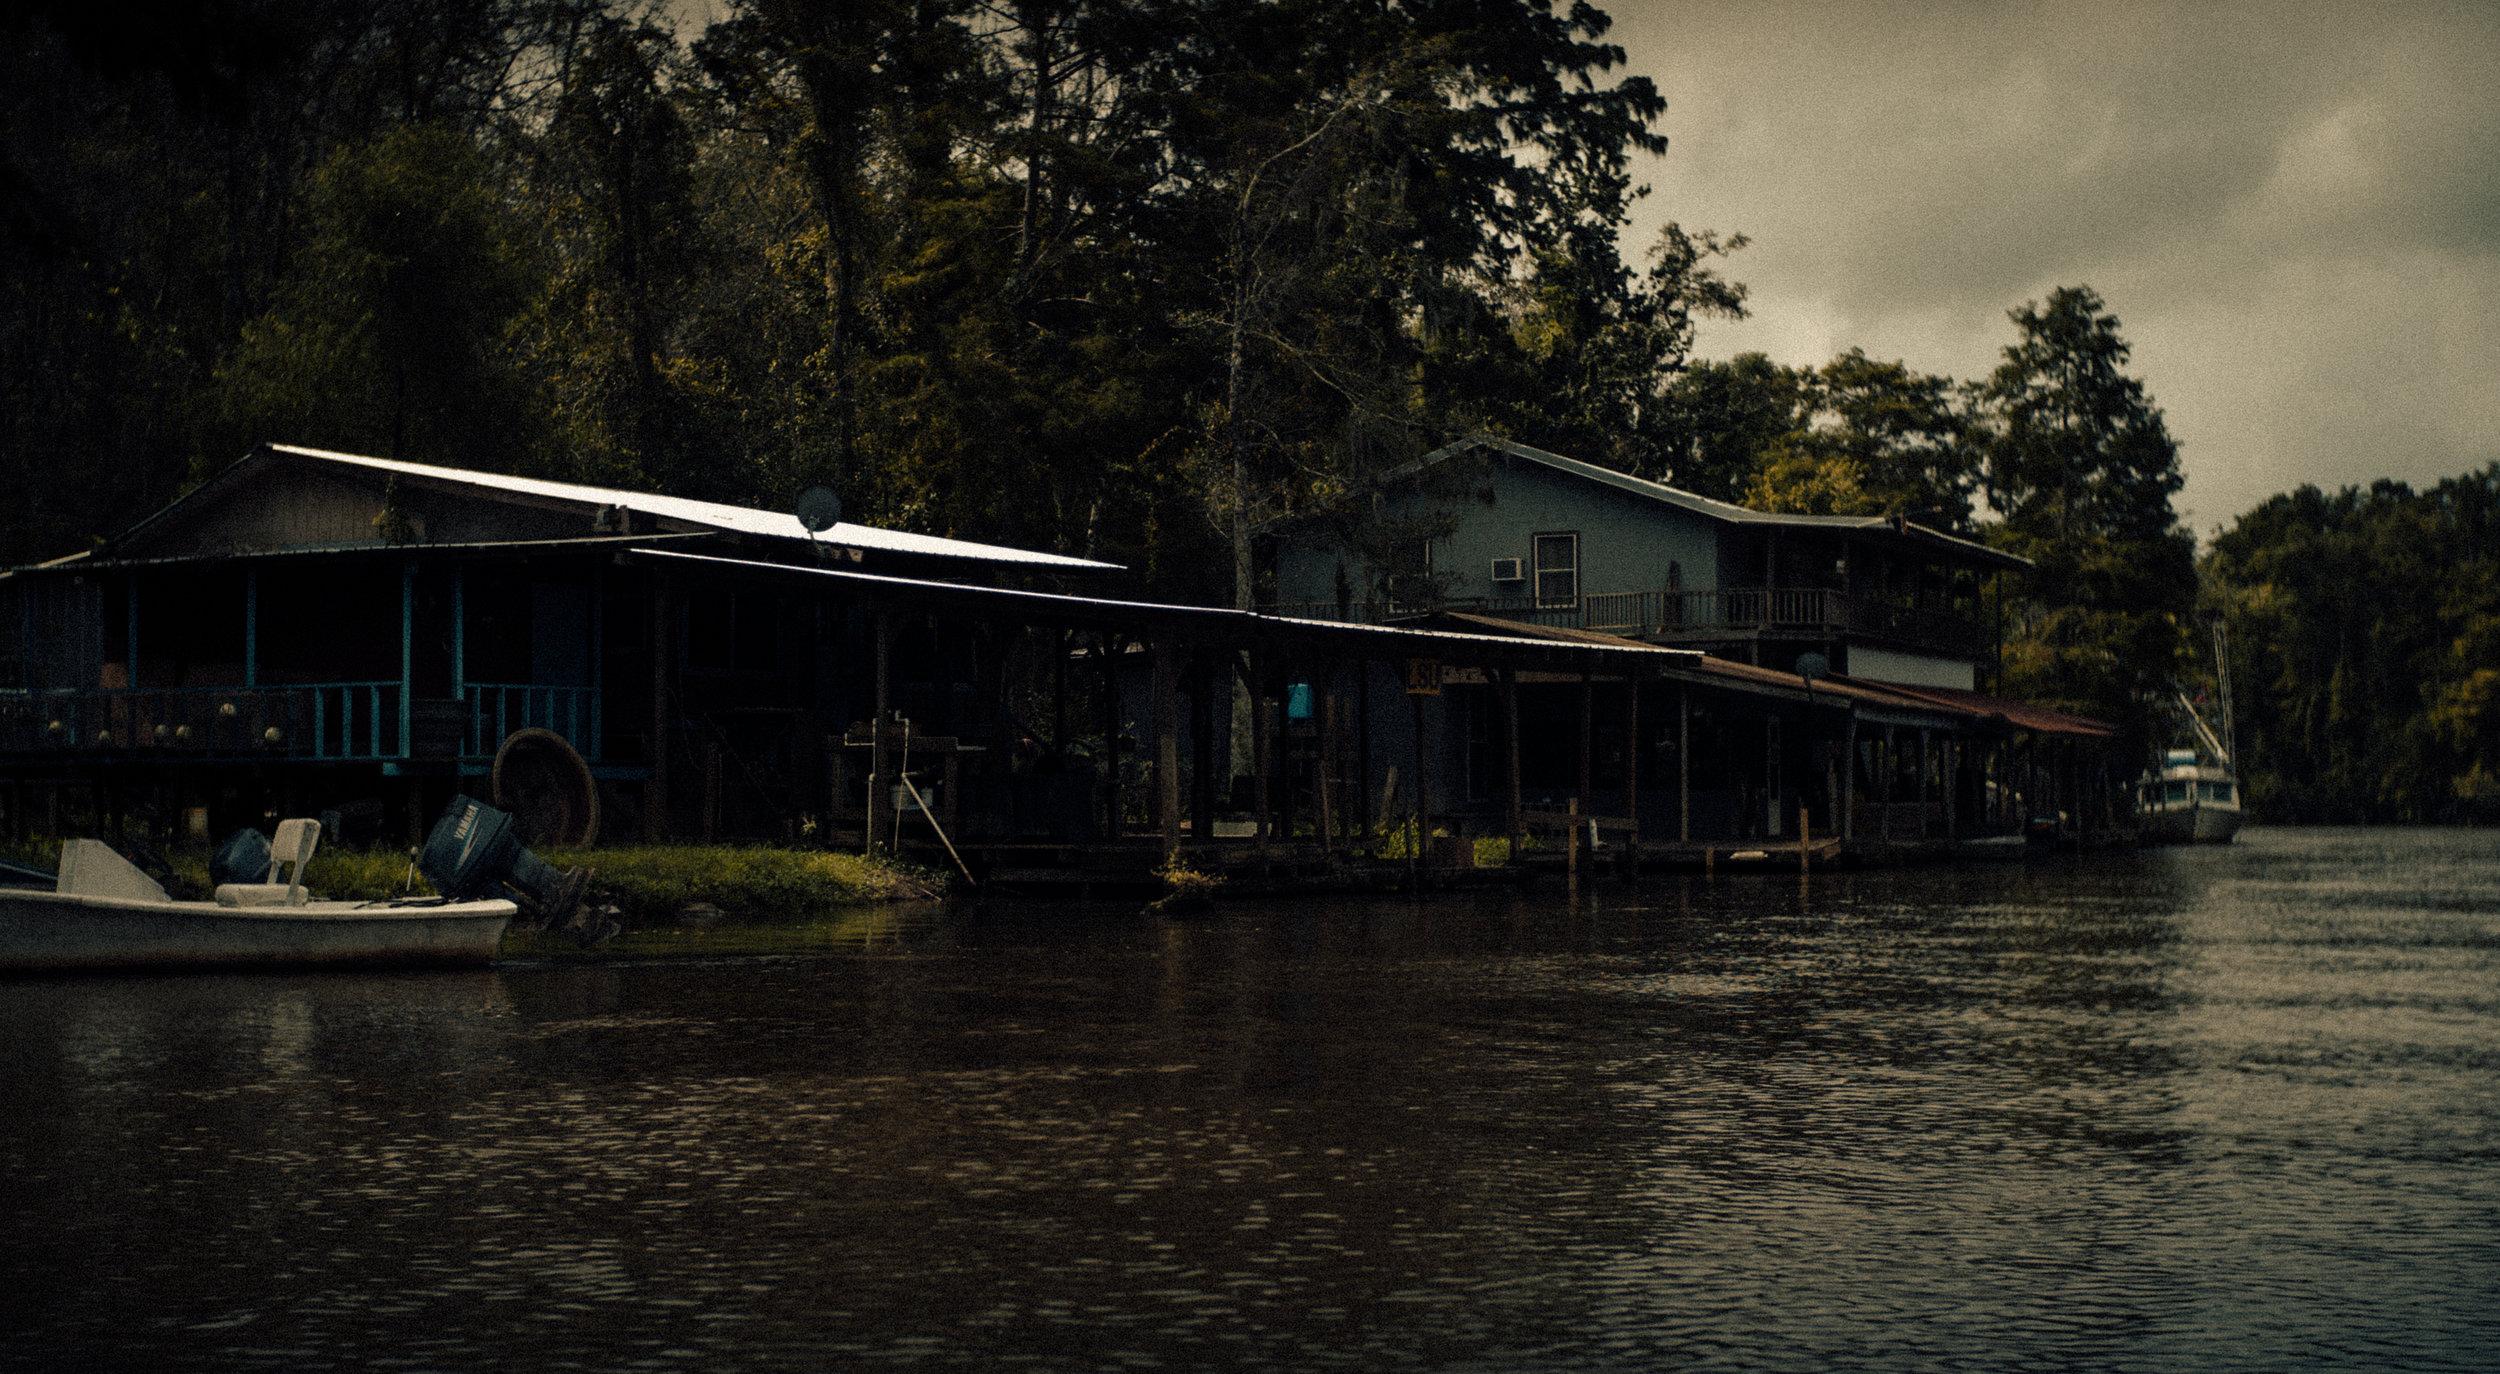 Louisiana, 2013